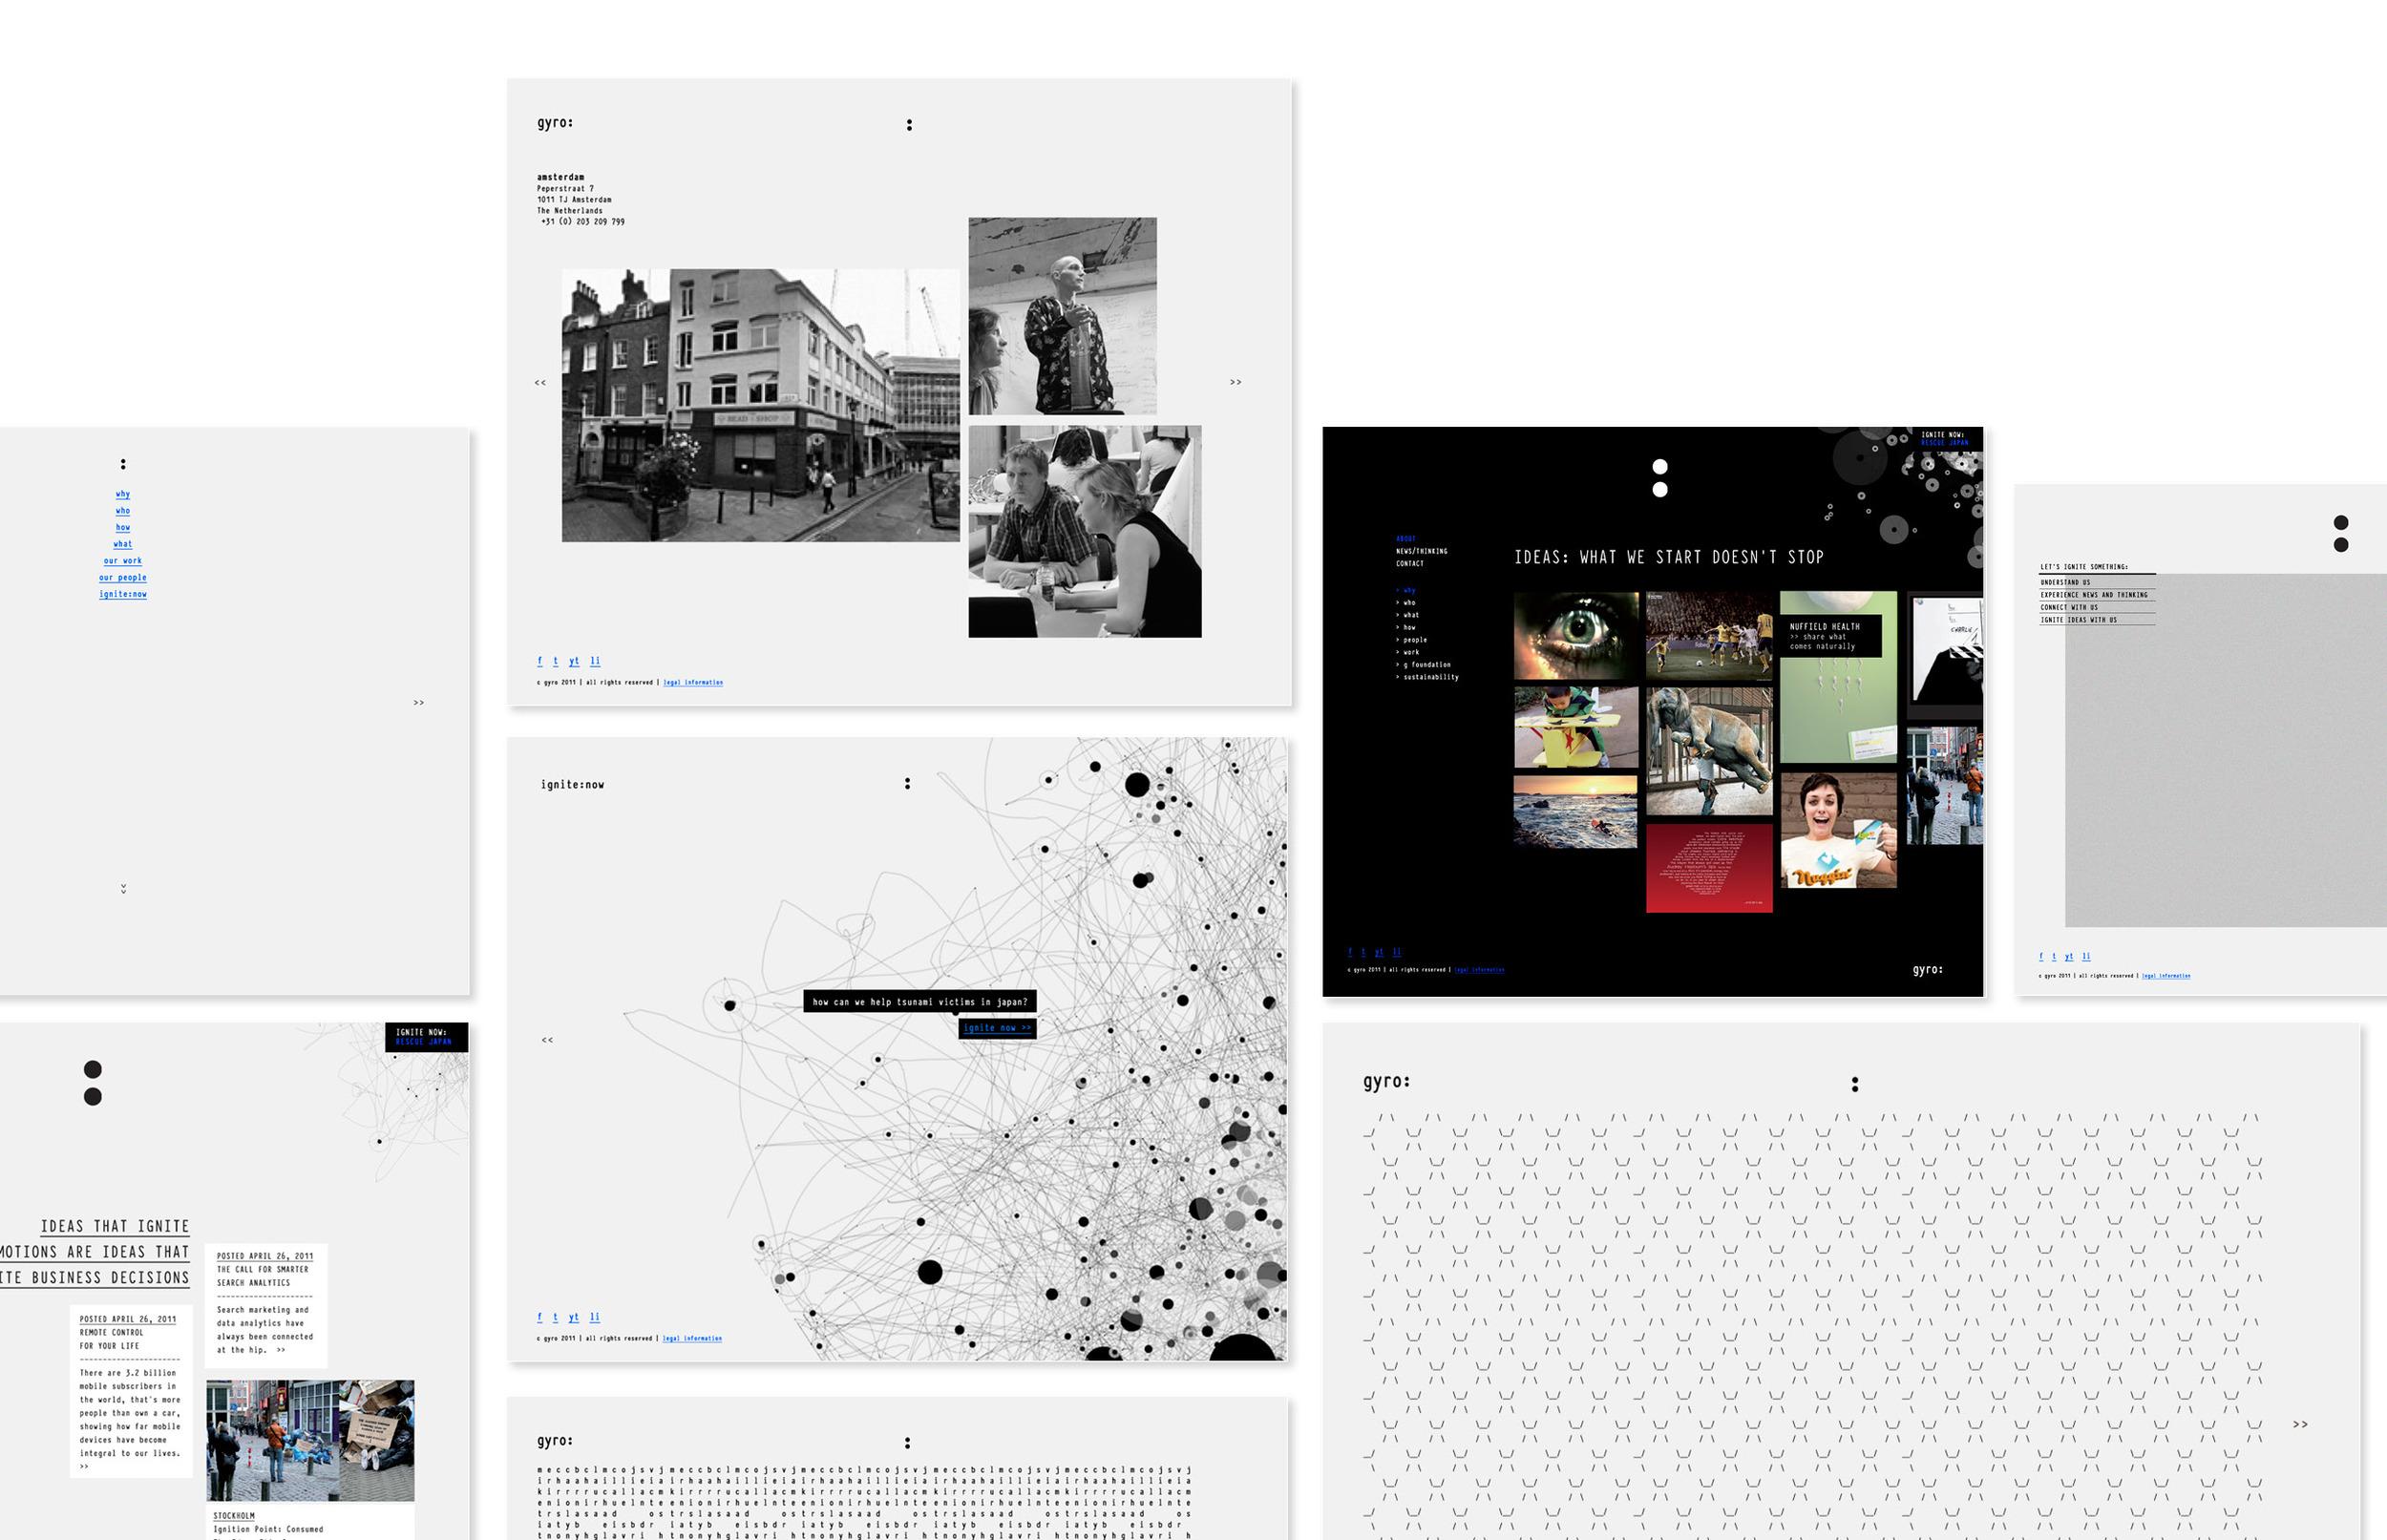 gyro.com - UX + UI Design